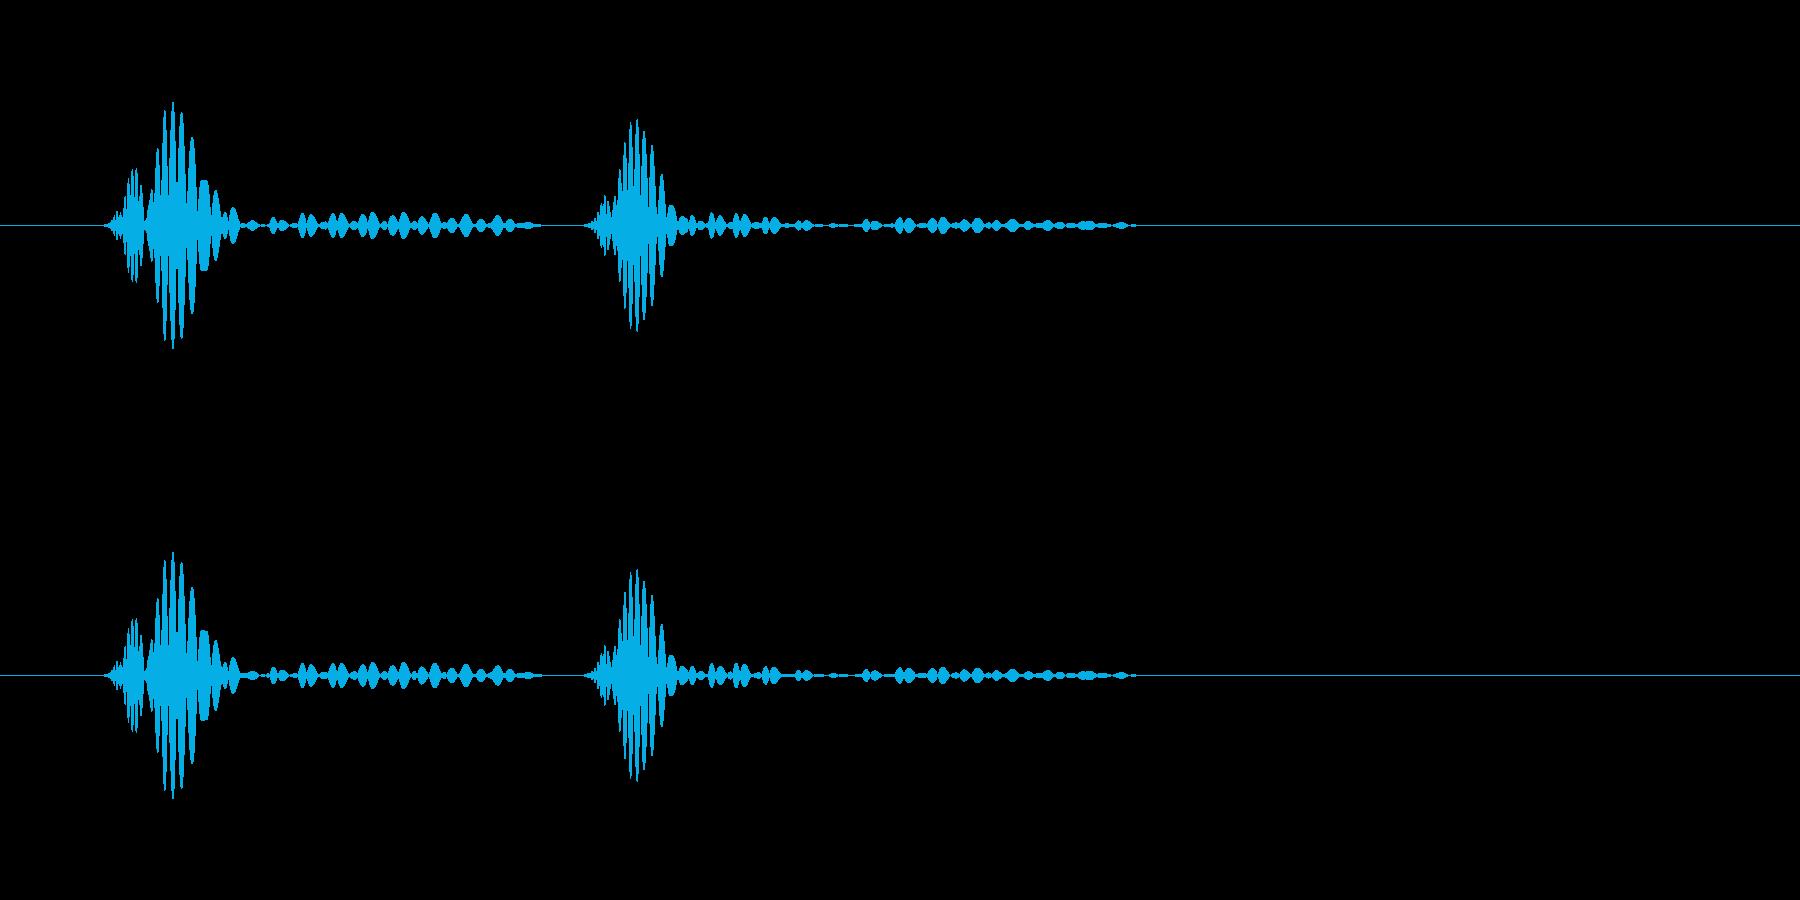 ドクン…という心臓の鼓動の音の再生済みの波形